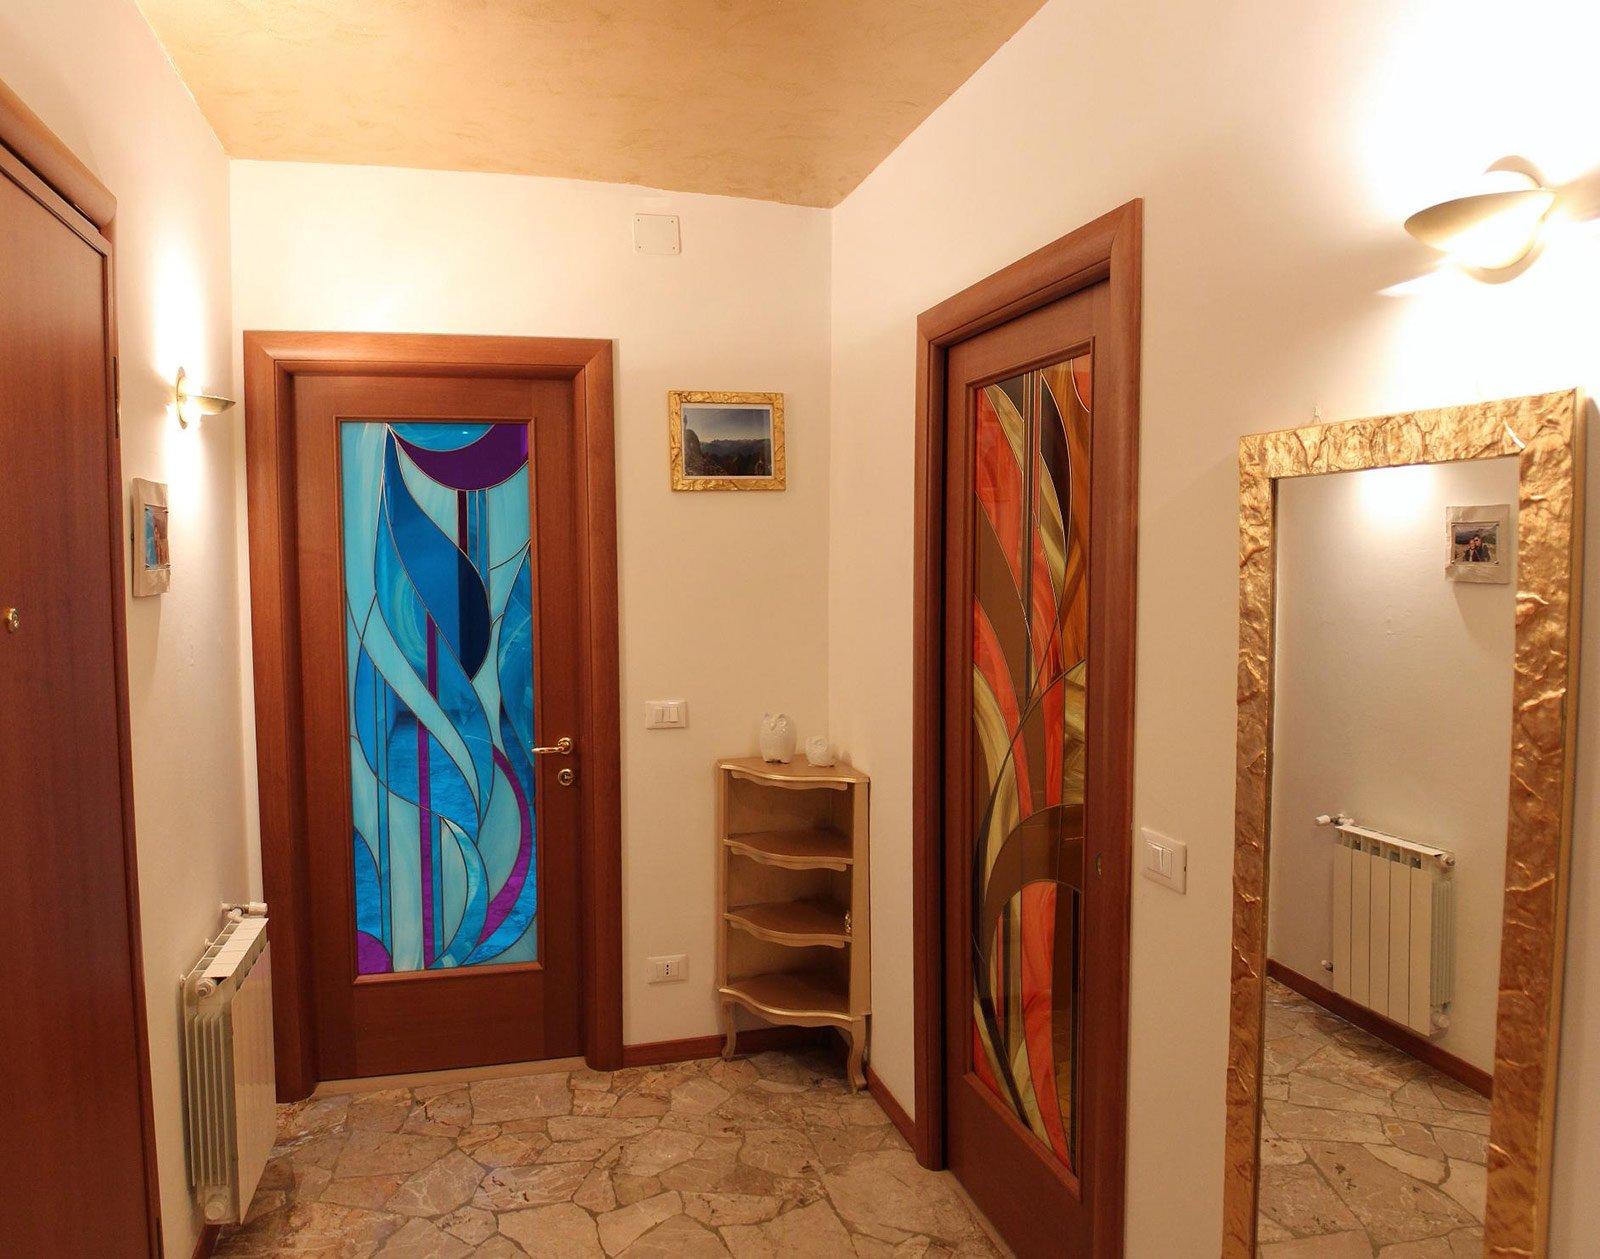 Corridoio quali finiture per pavimento e porte cose di for Case interne